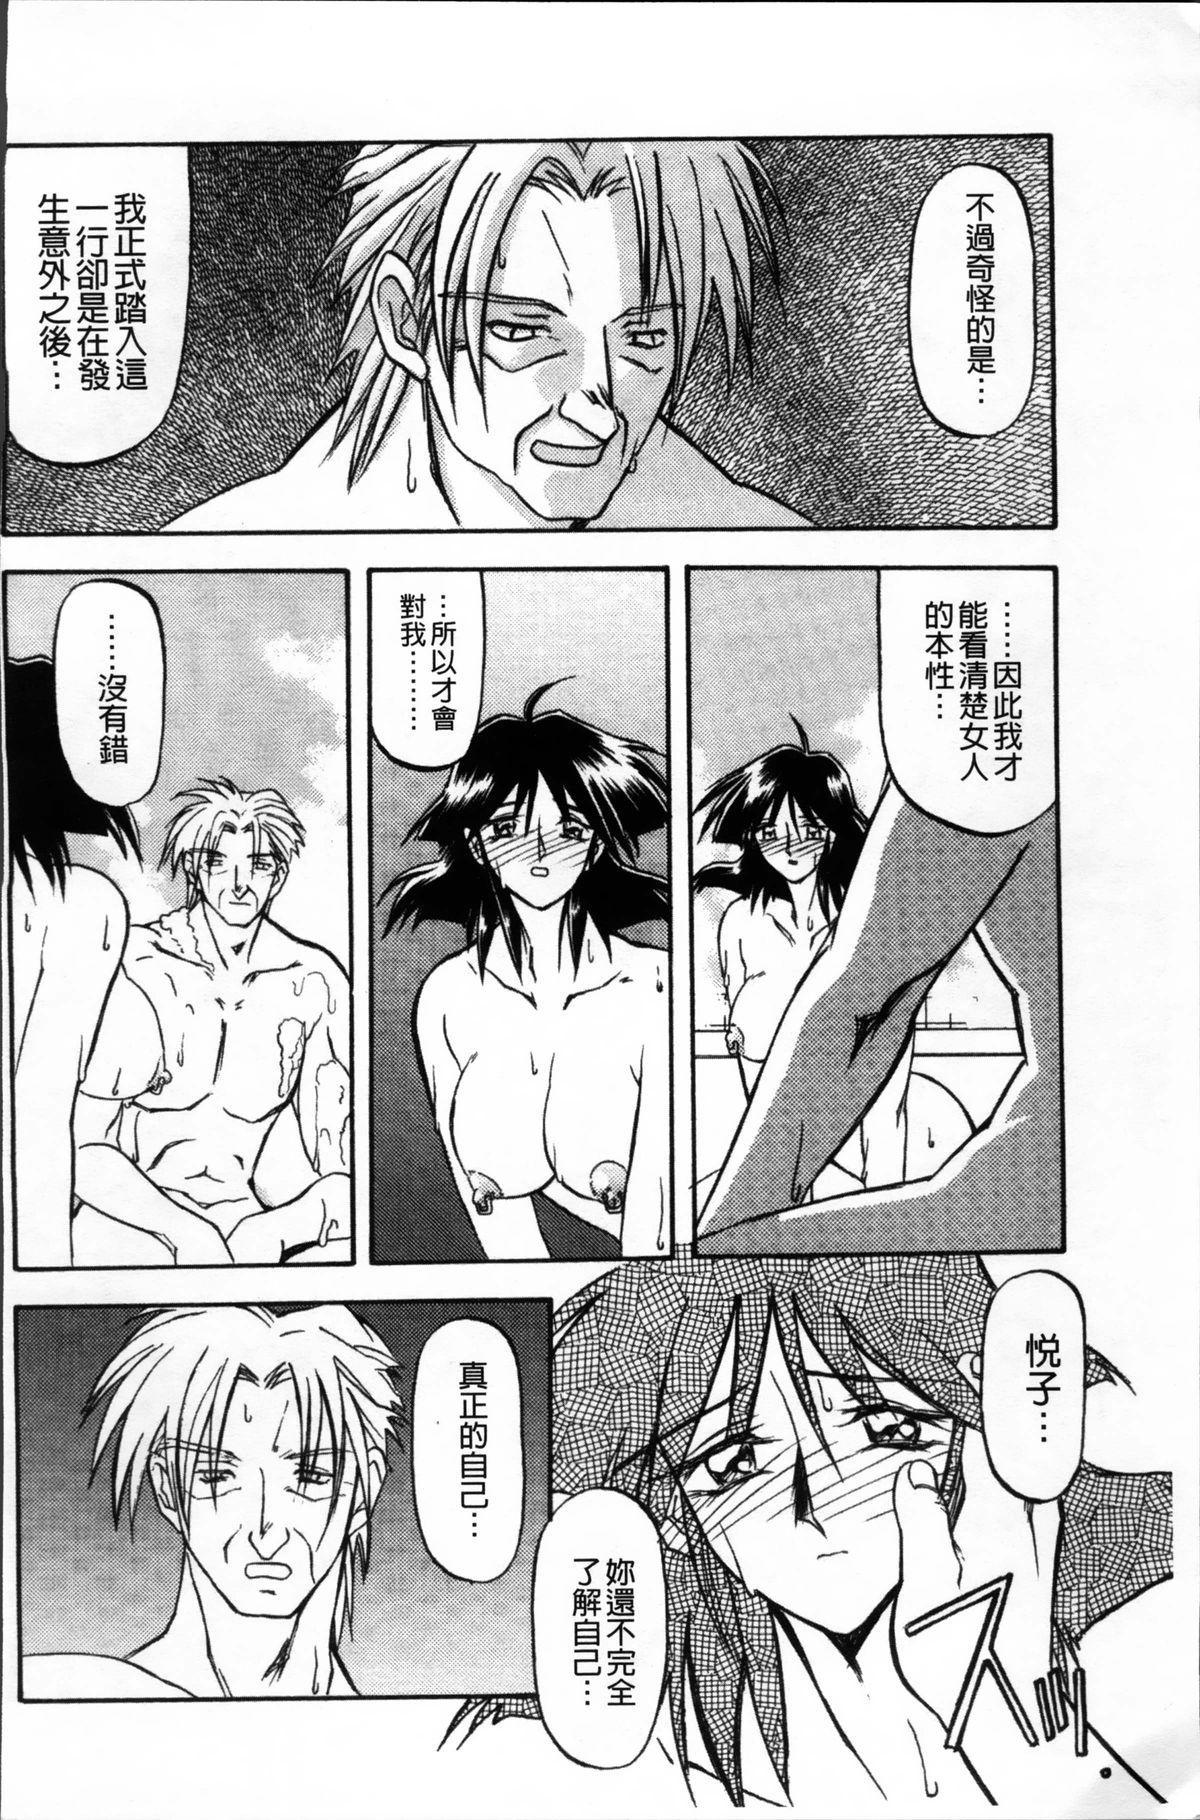 Hiiro no Koku Kanzenban   緋色之刻 完全版 229